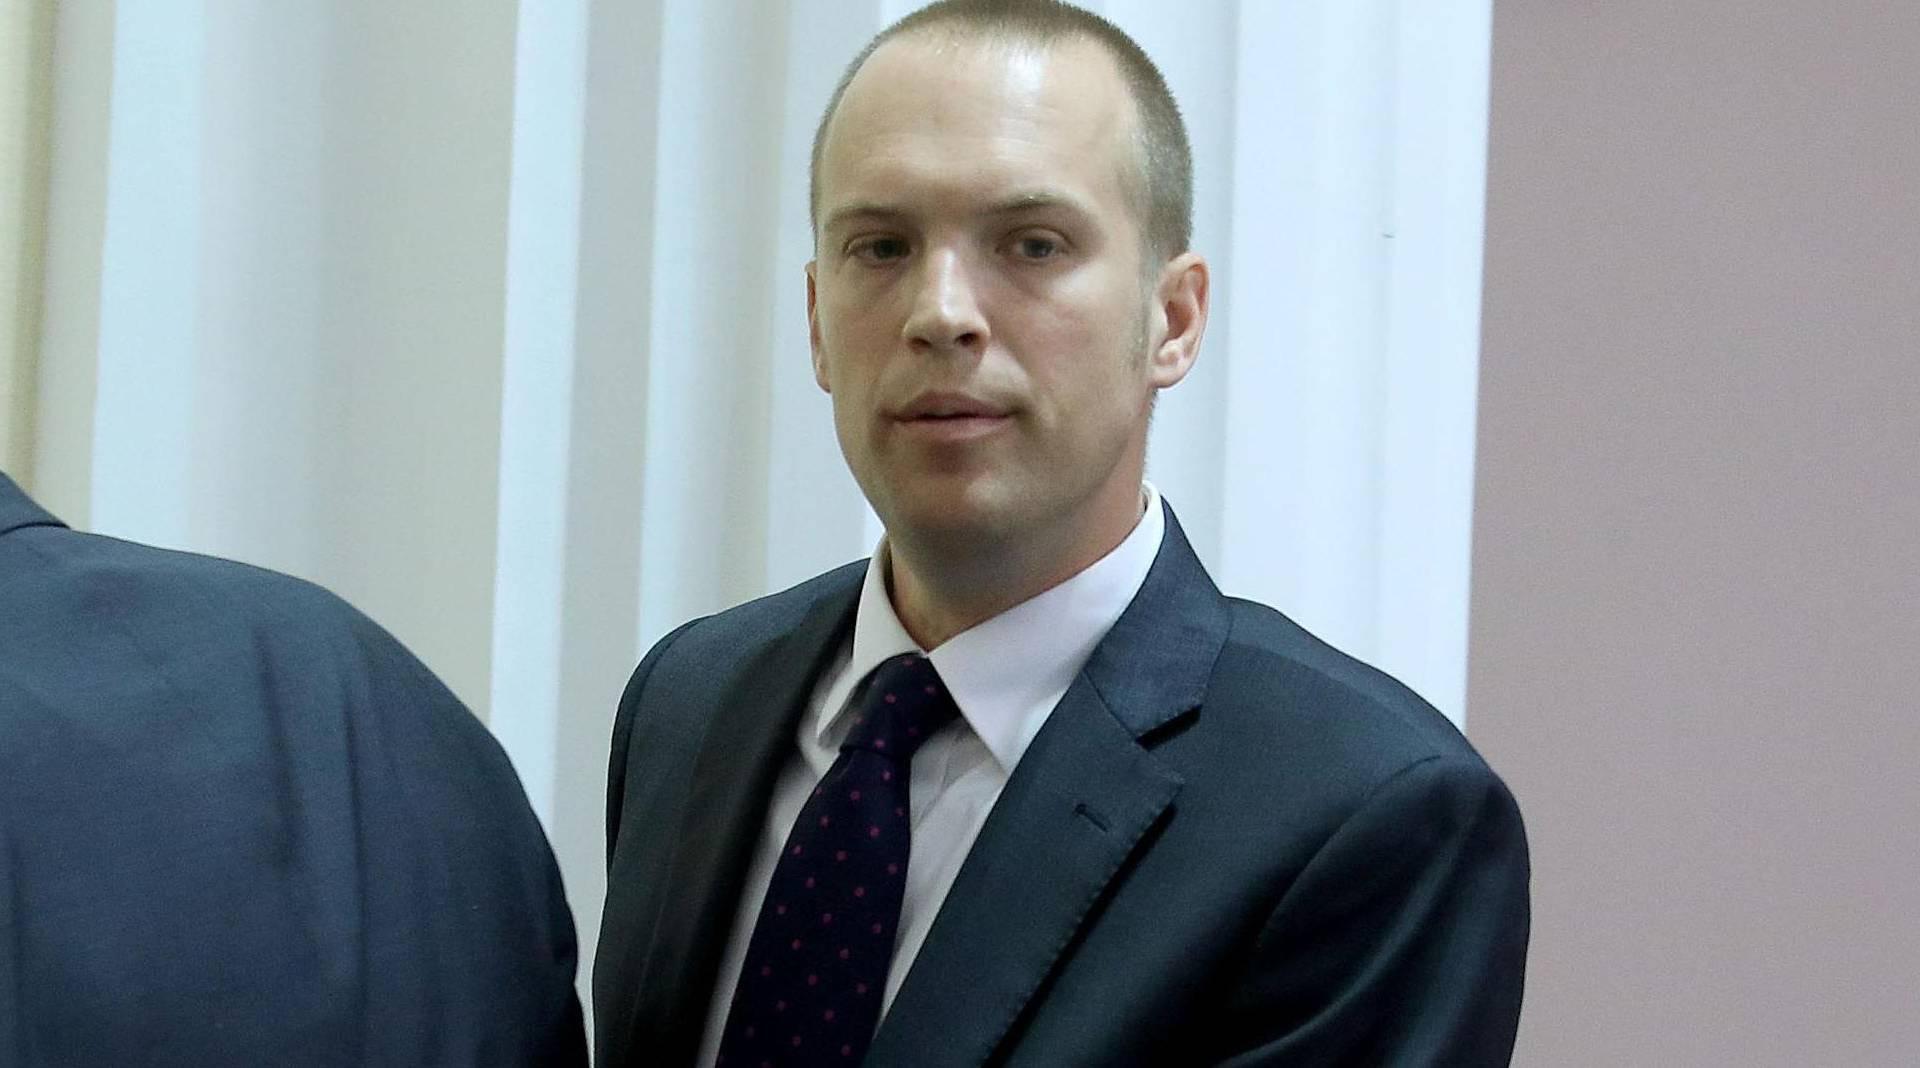 Istraga protiv Sauche i Sandre Zeljko postala je pravomoćna